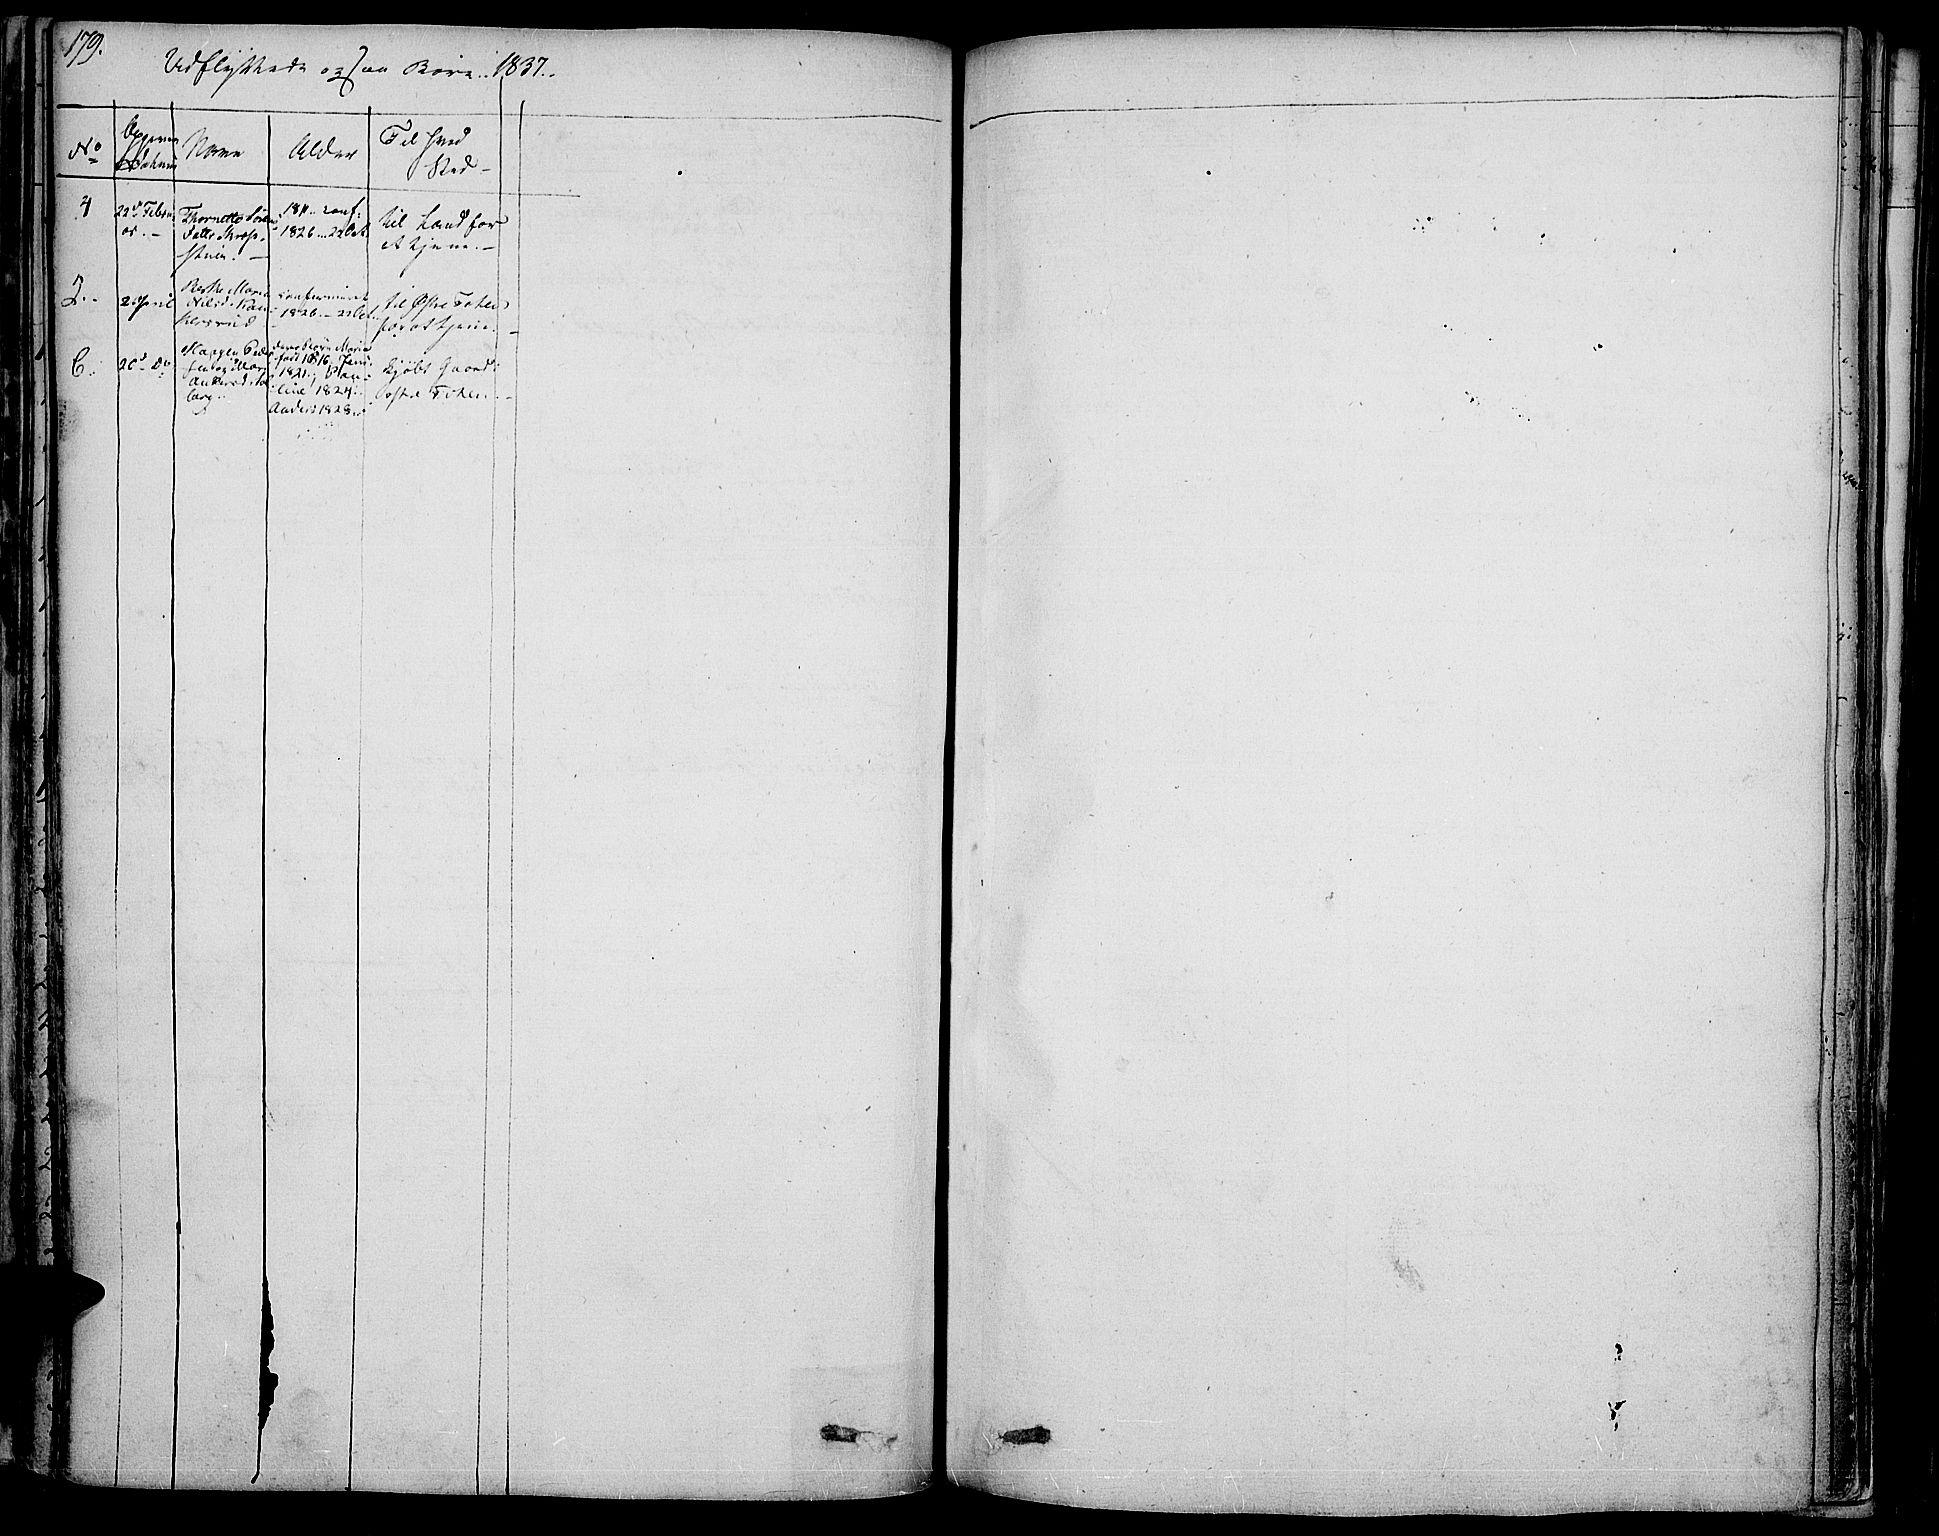 SAH, Vestre Toten prestekontor, Ministerialbok nr. 2, 1825-1837, s. 179